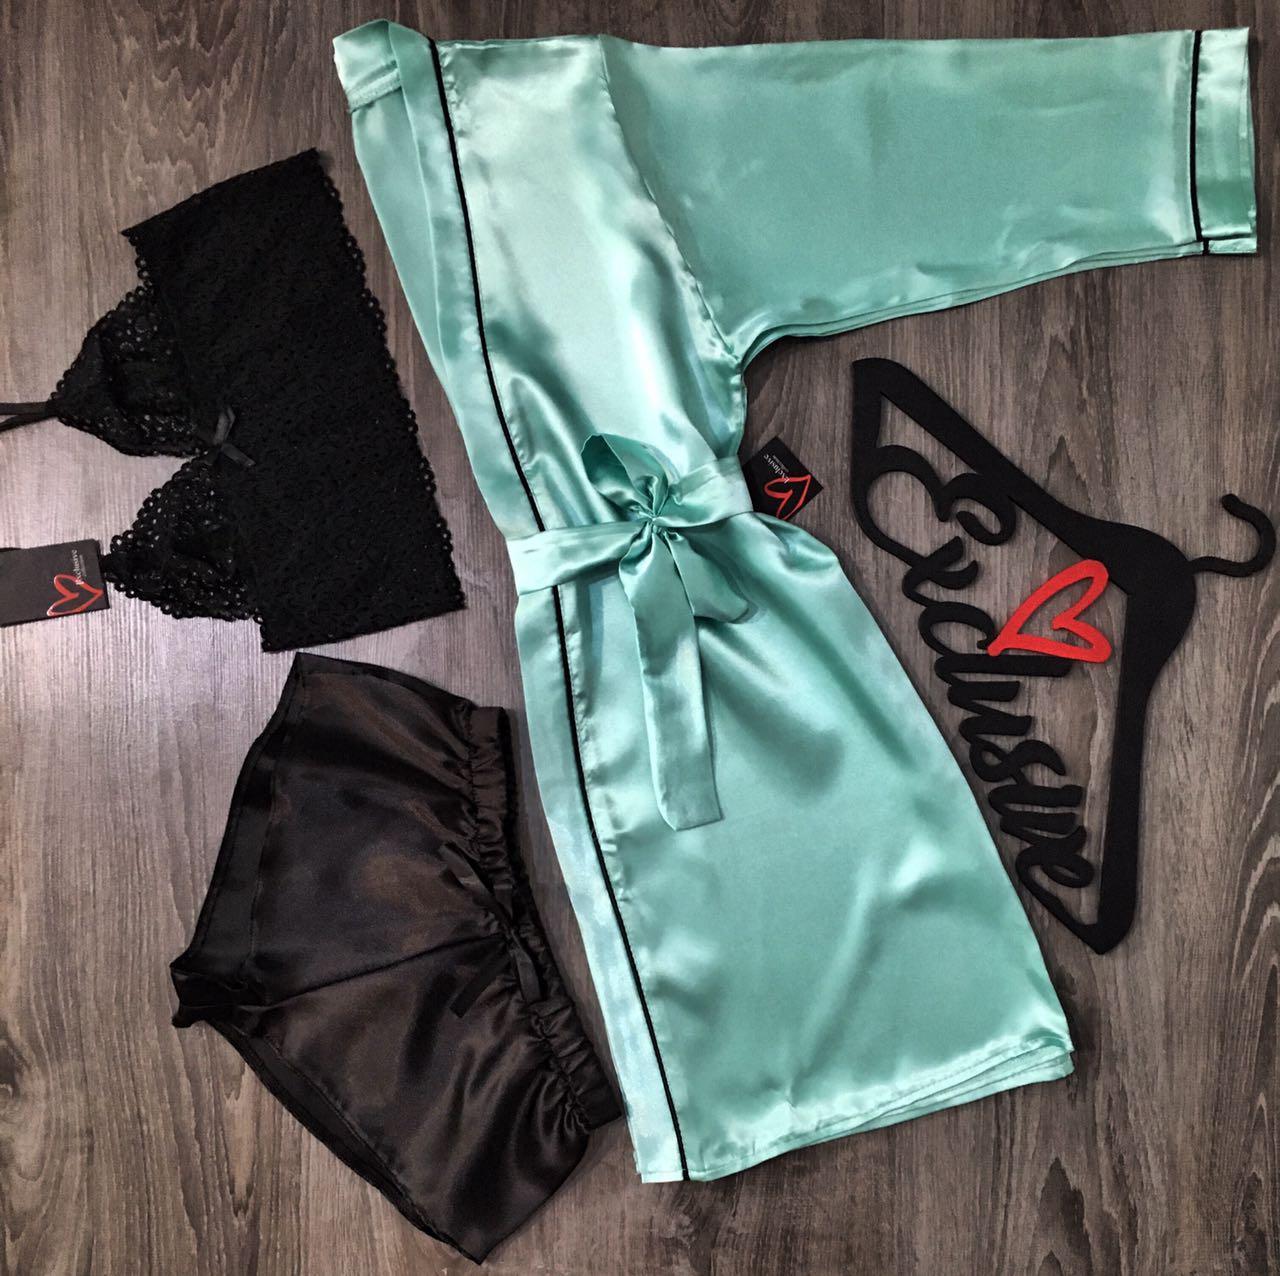 Халат с кантом+пижама(топ и шорты)-комплект домашней одежды.